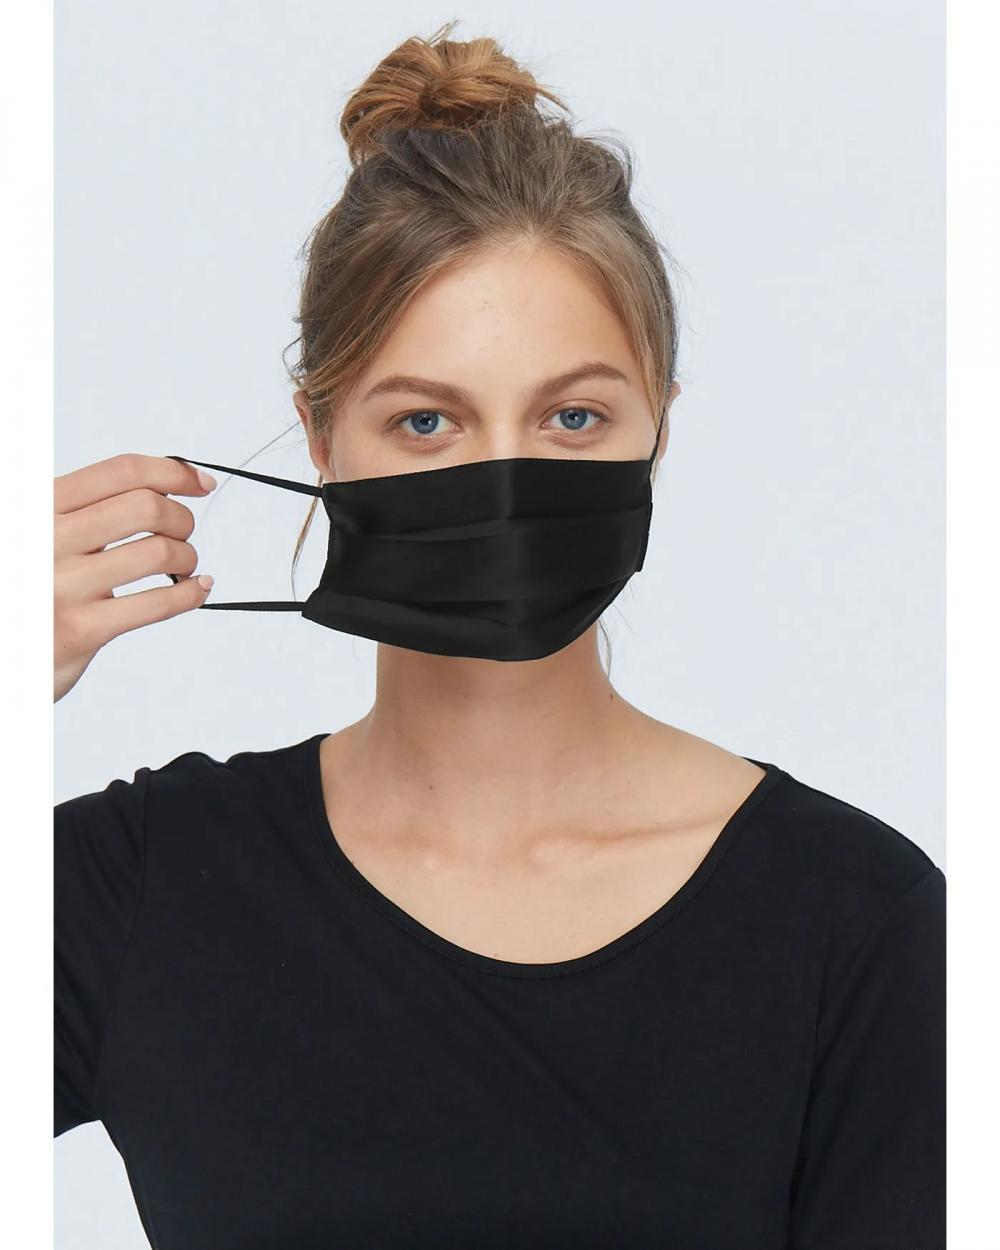 Cozy Pure Silk Gauze Mask Black 1 Pack 04 Webp Jpg